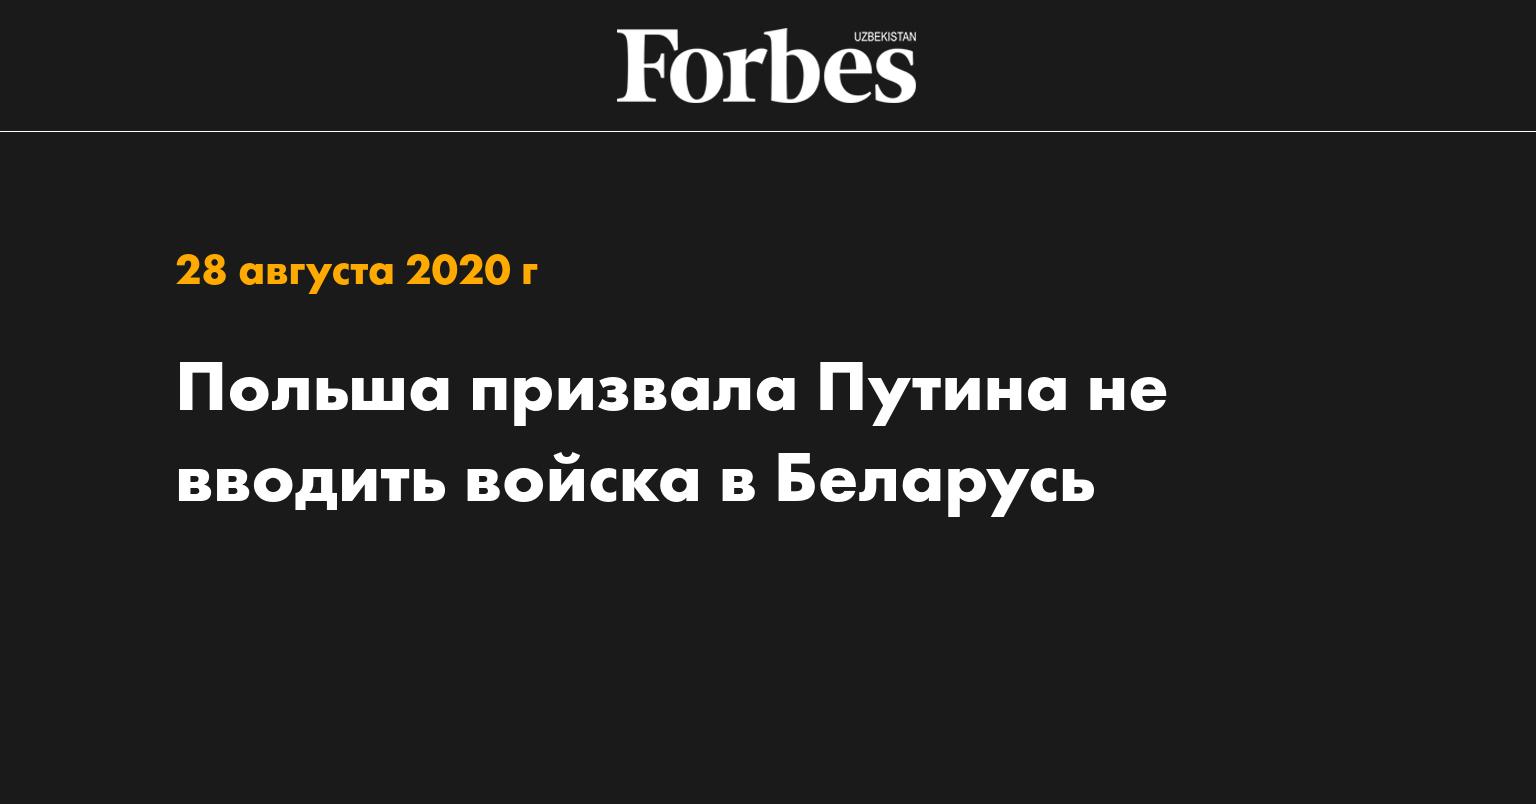 Польша призвала Путина не вводить войска в Беларусь